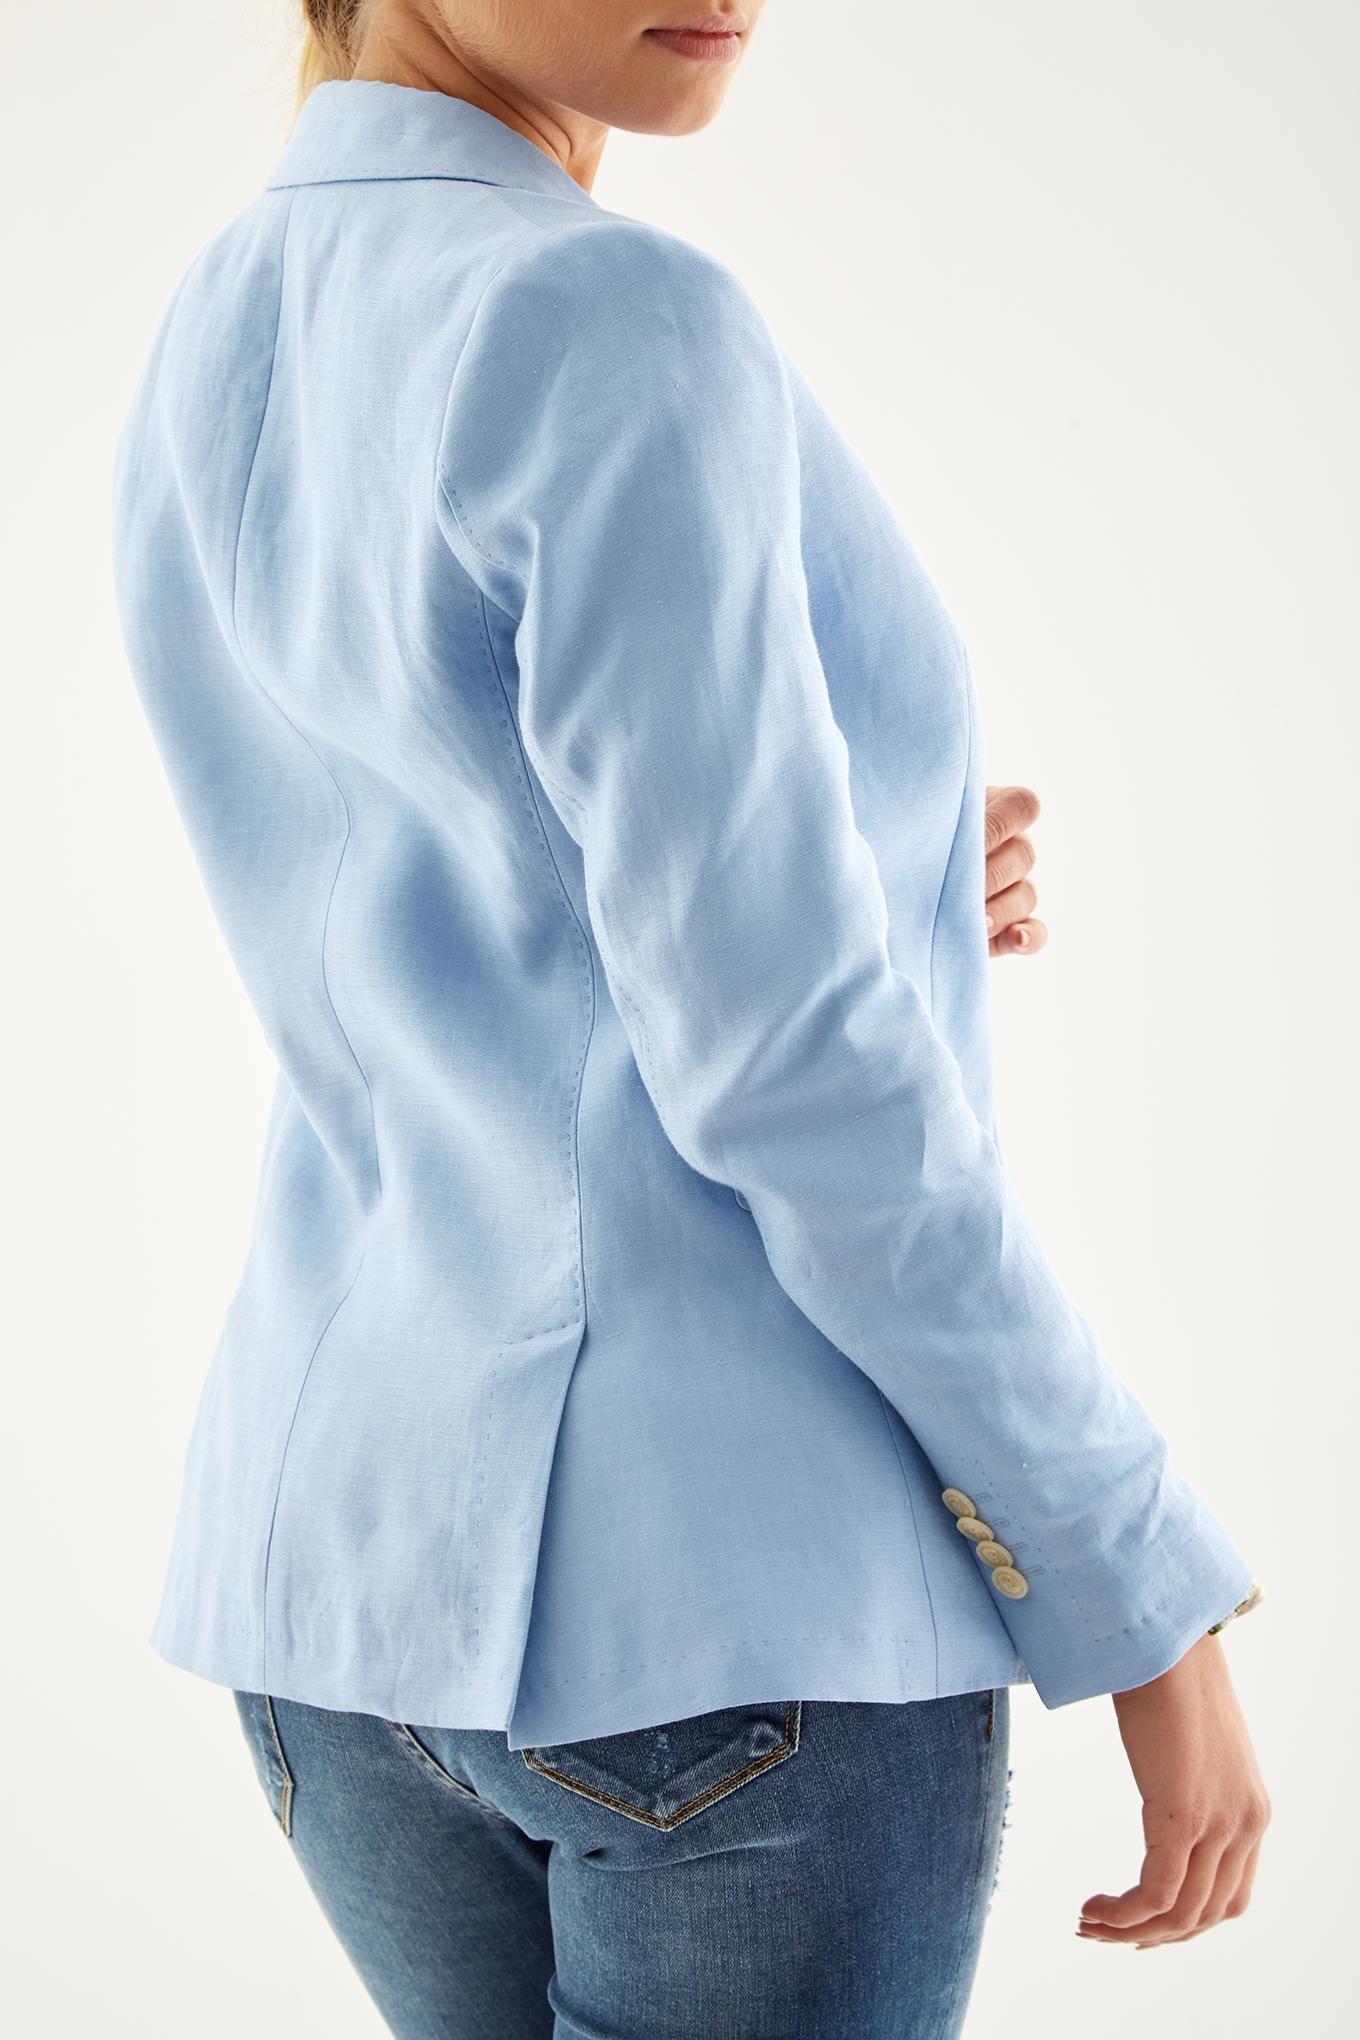 Blazer Azul Claro Classic Mulher